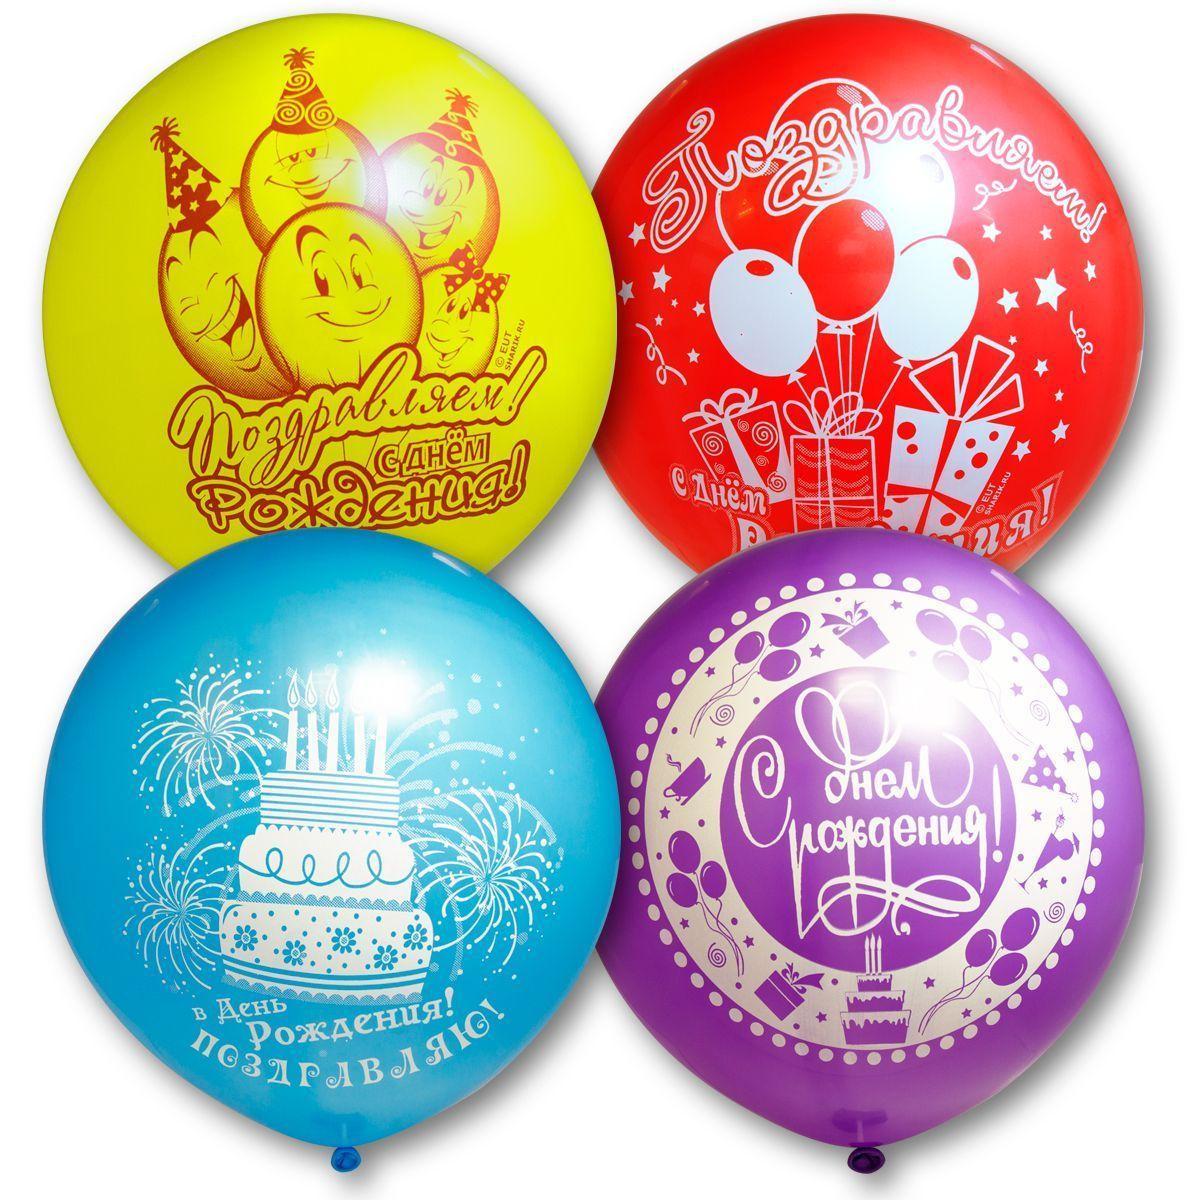 Открытки с днем рождения шарики поздравления, днем рождения открытки